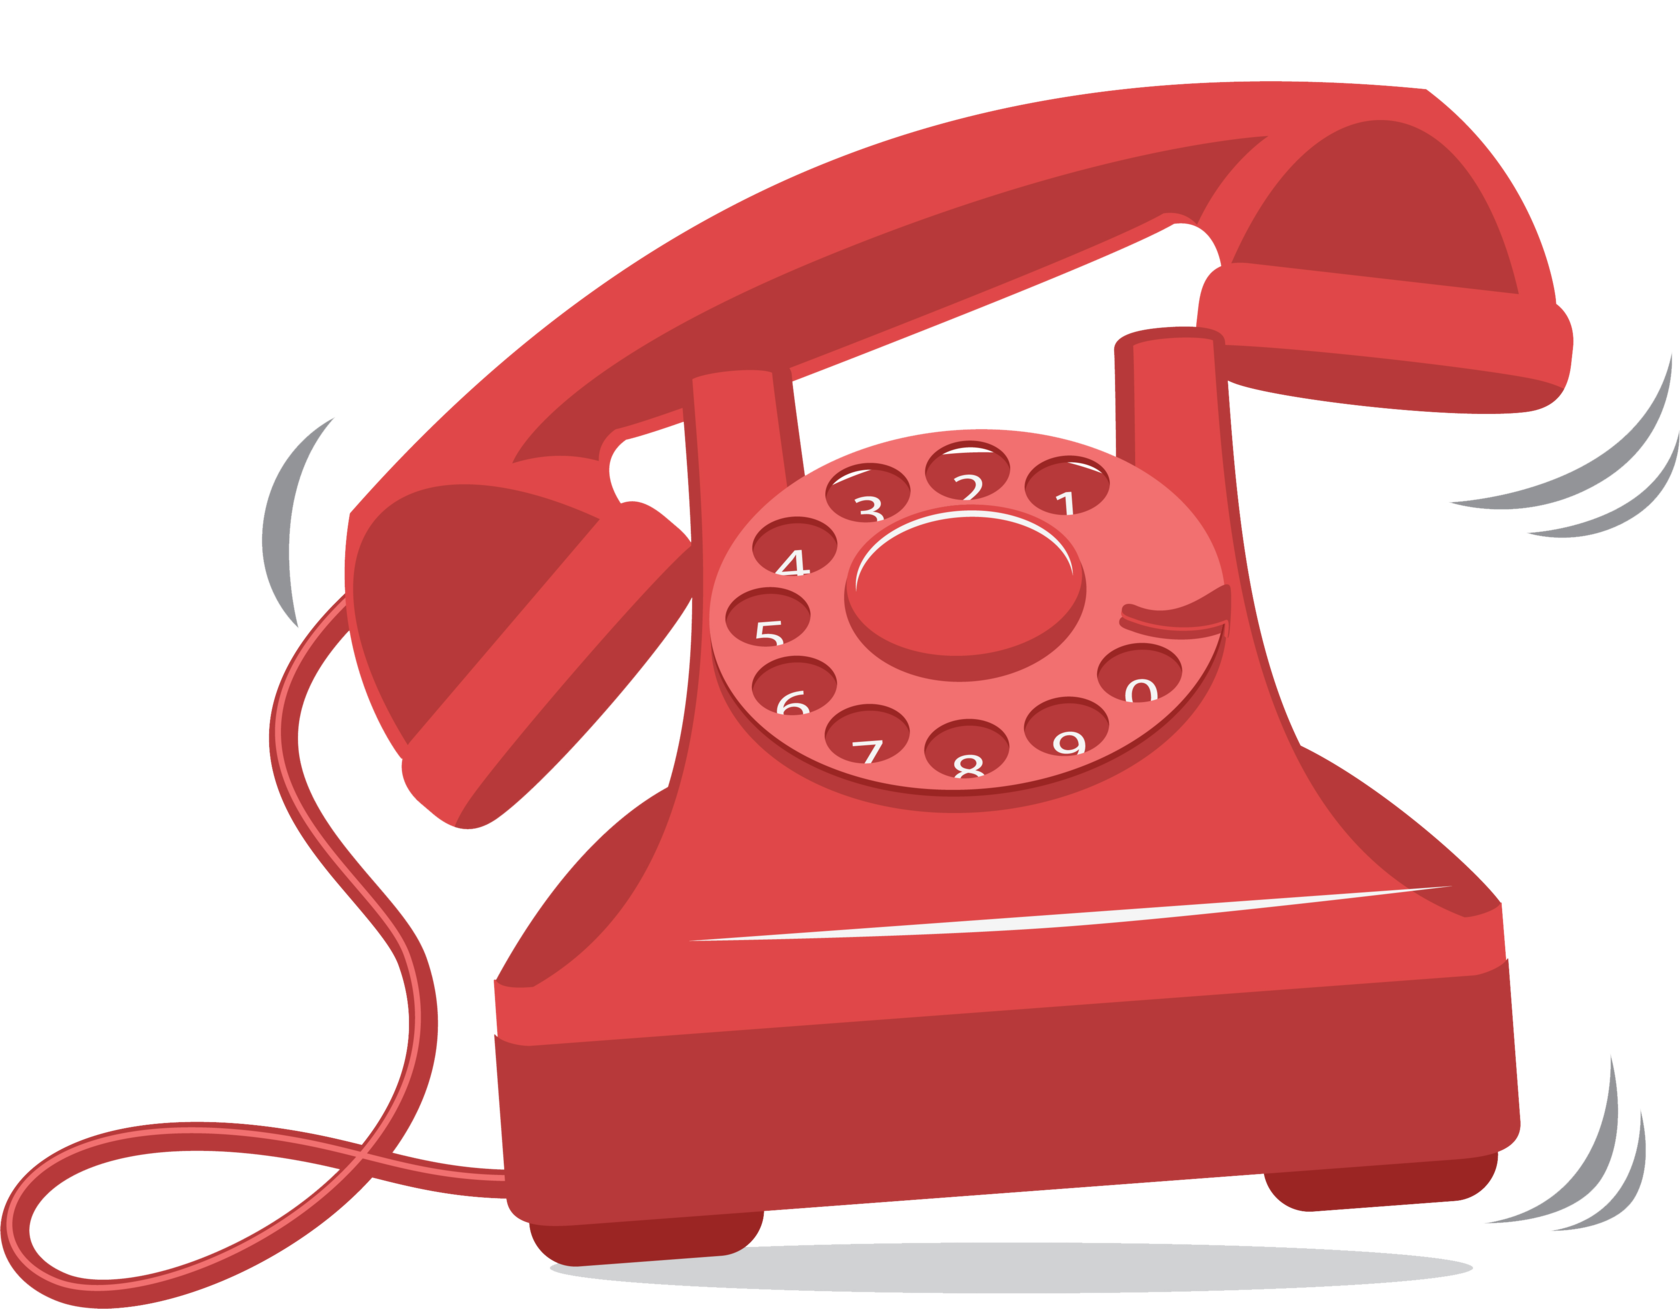 картинка звонящий телефон